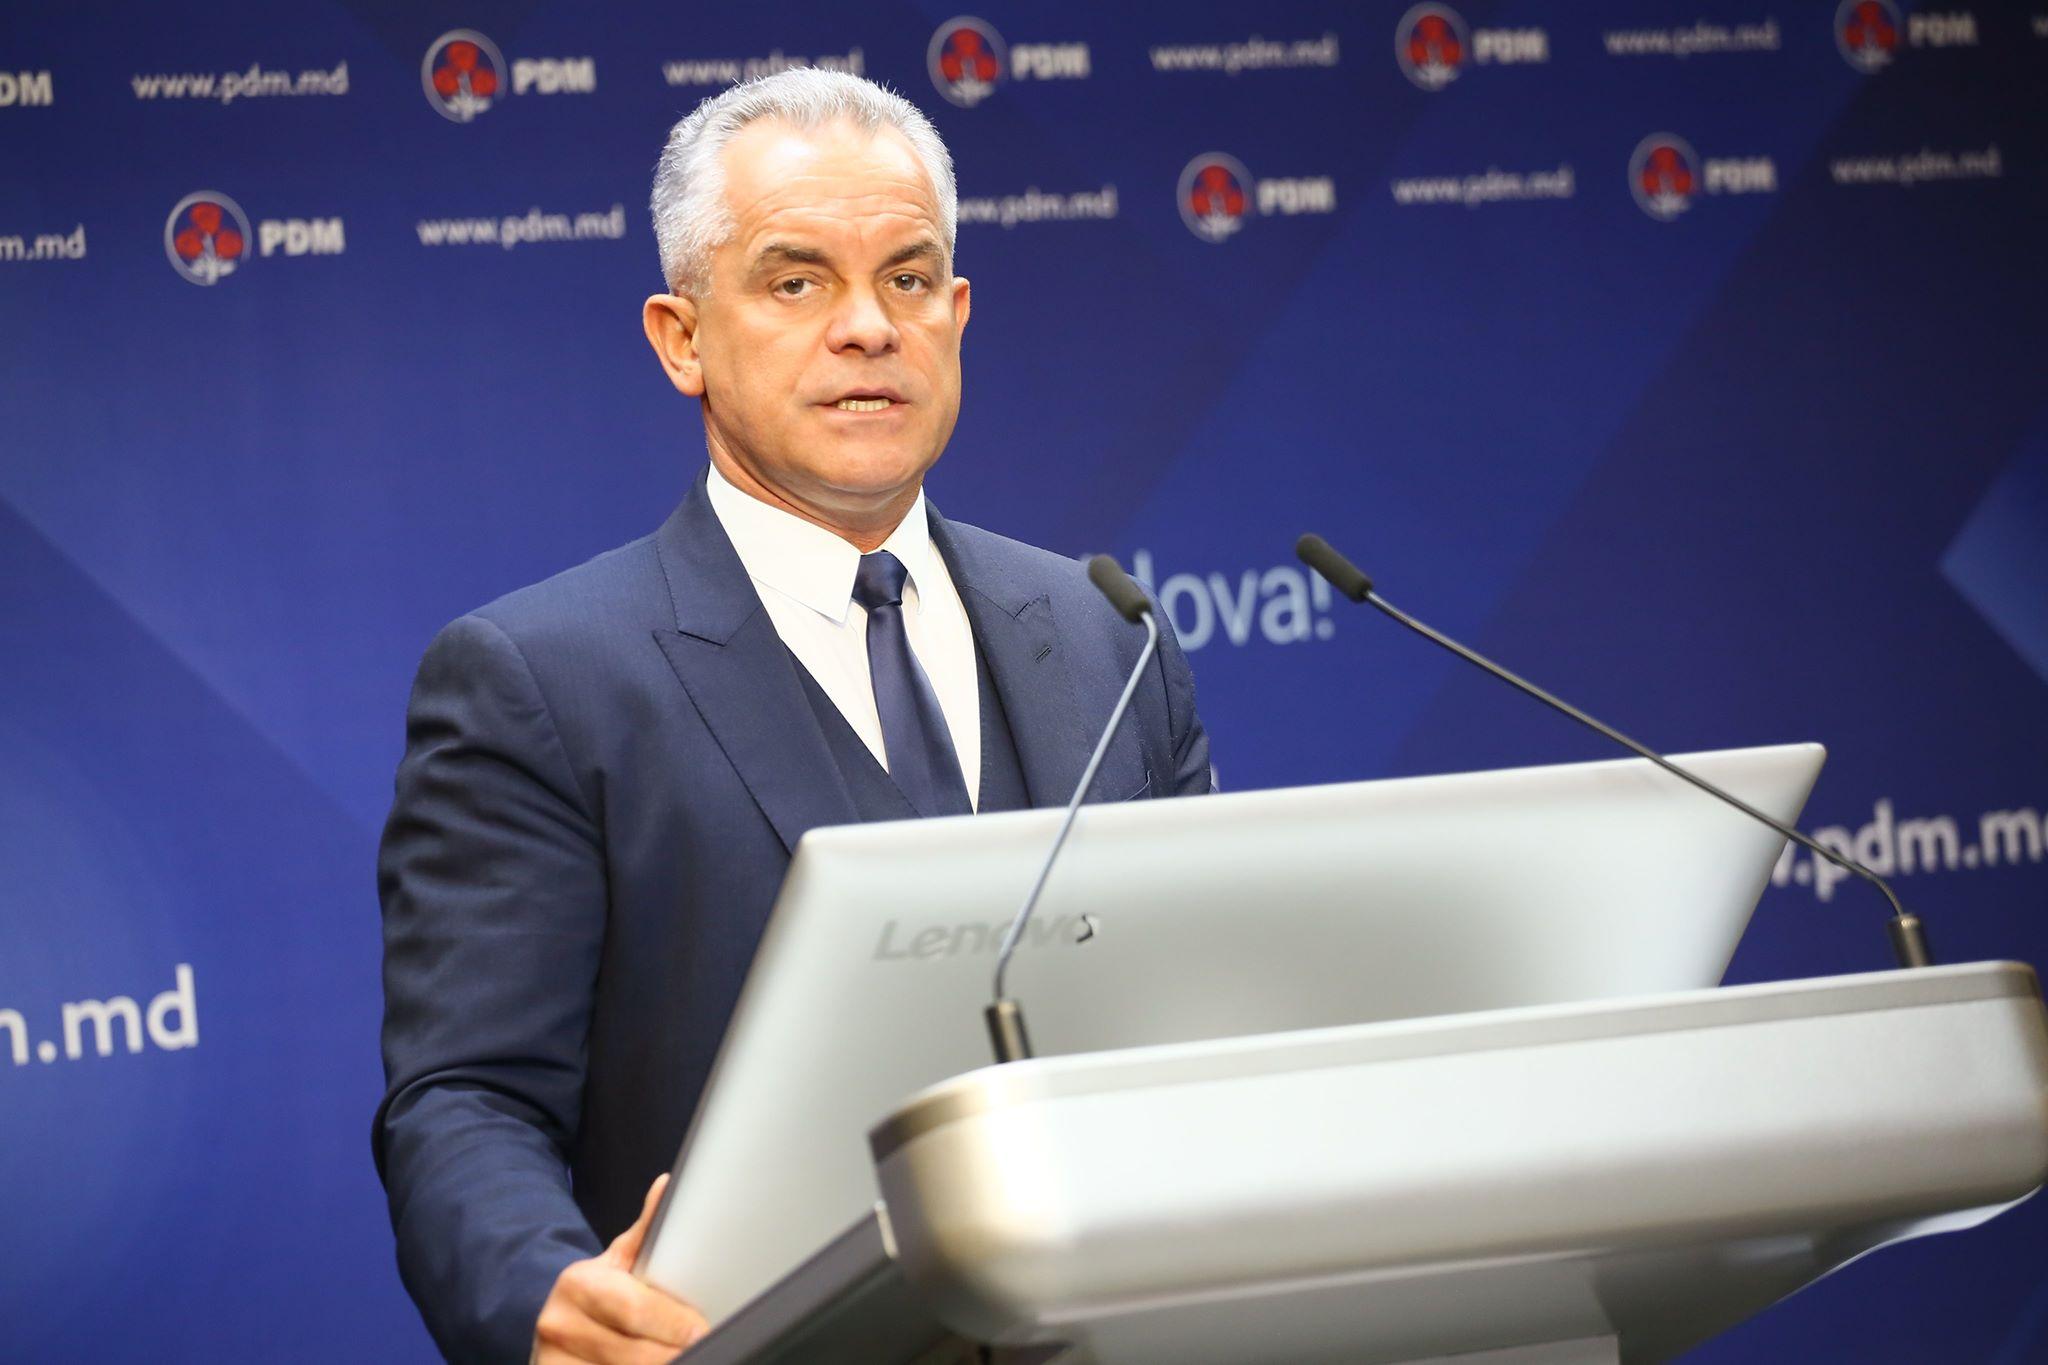 Vlad Plahotniuc: Preocuparea principală a democraților este să facă coaliții cu cetățenii și să continue faptele bune